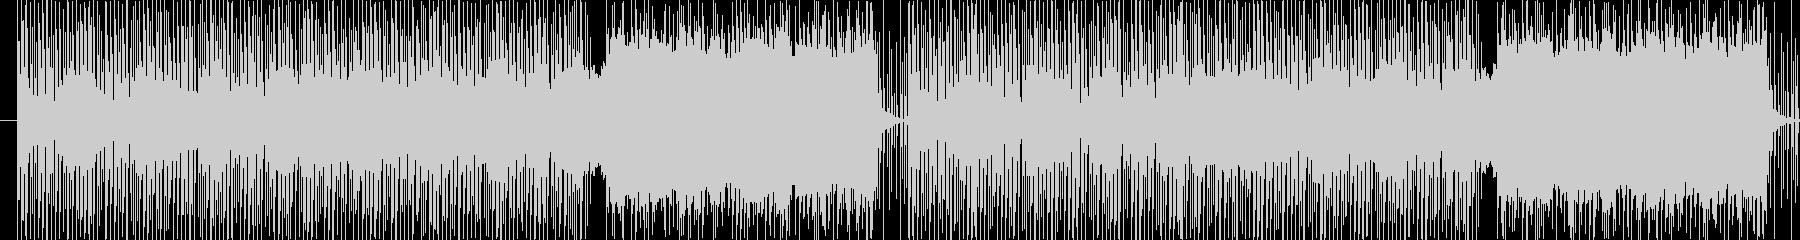 Marimbaの未再生の波形